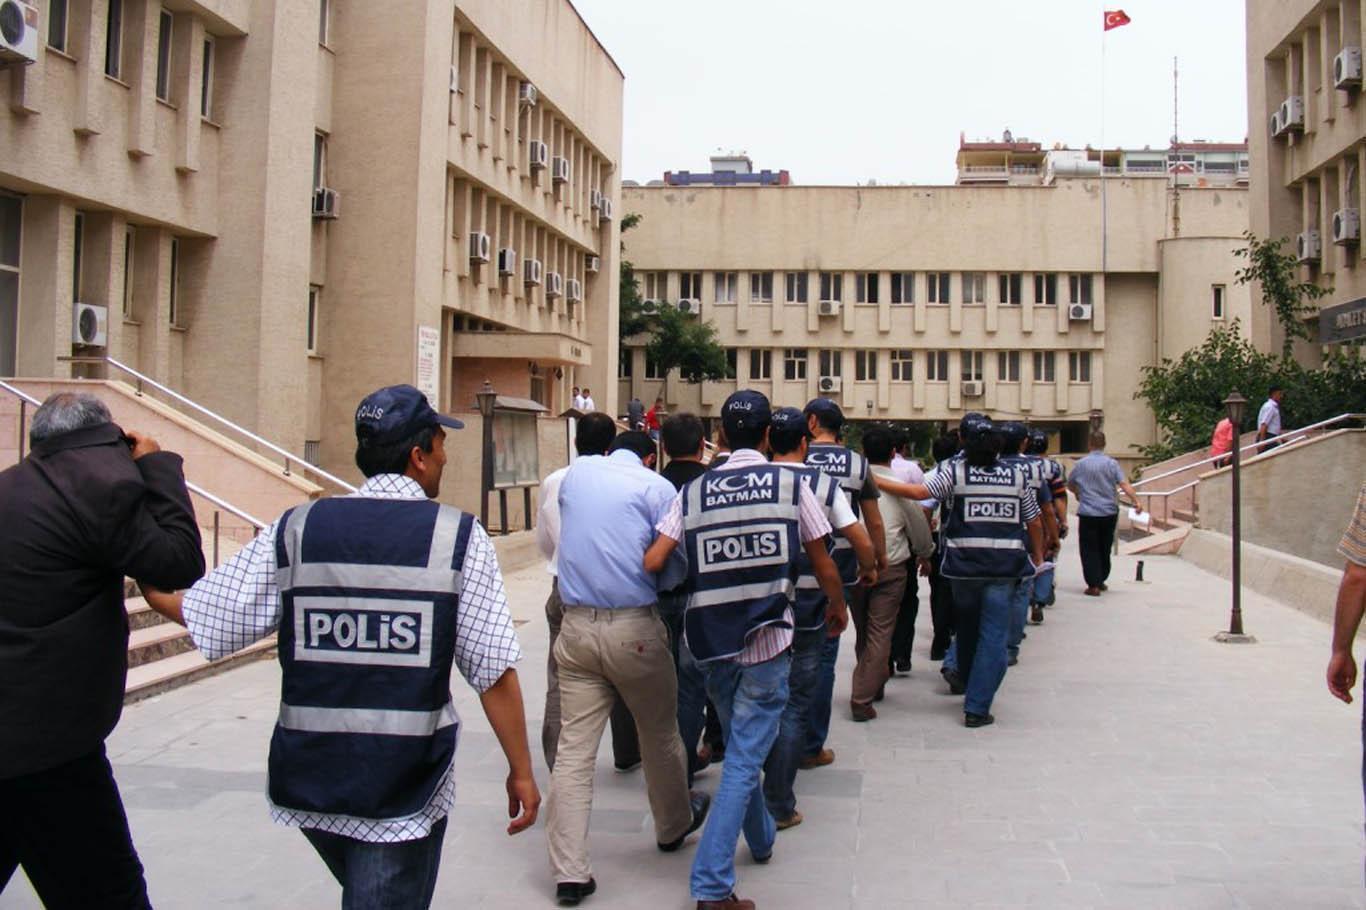 Şanlıurfa'daki gözaltı sayısı kaçtır?